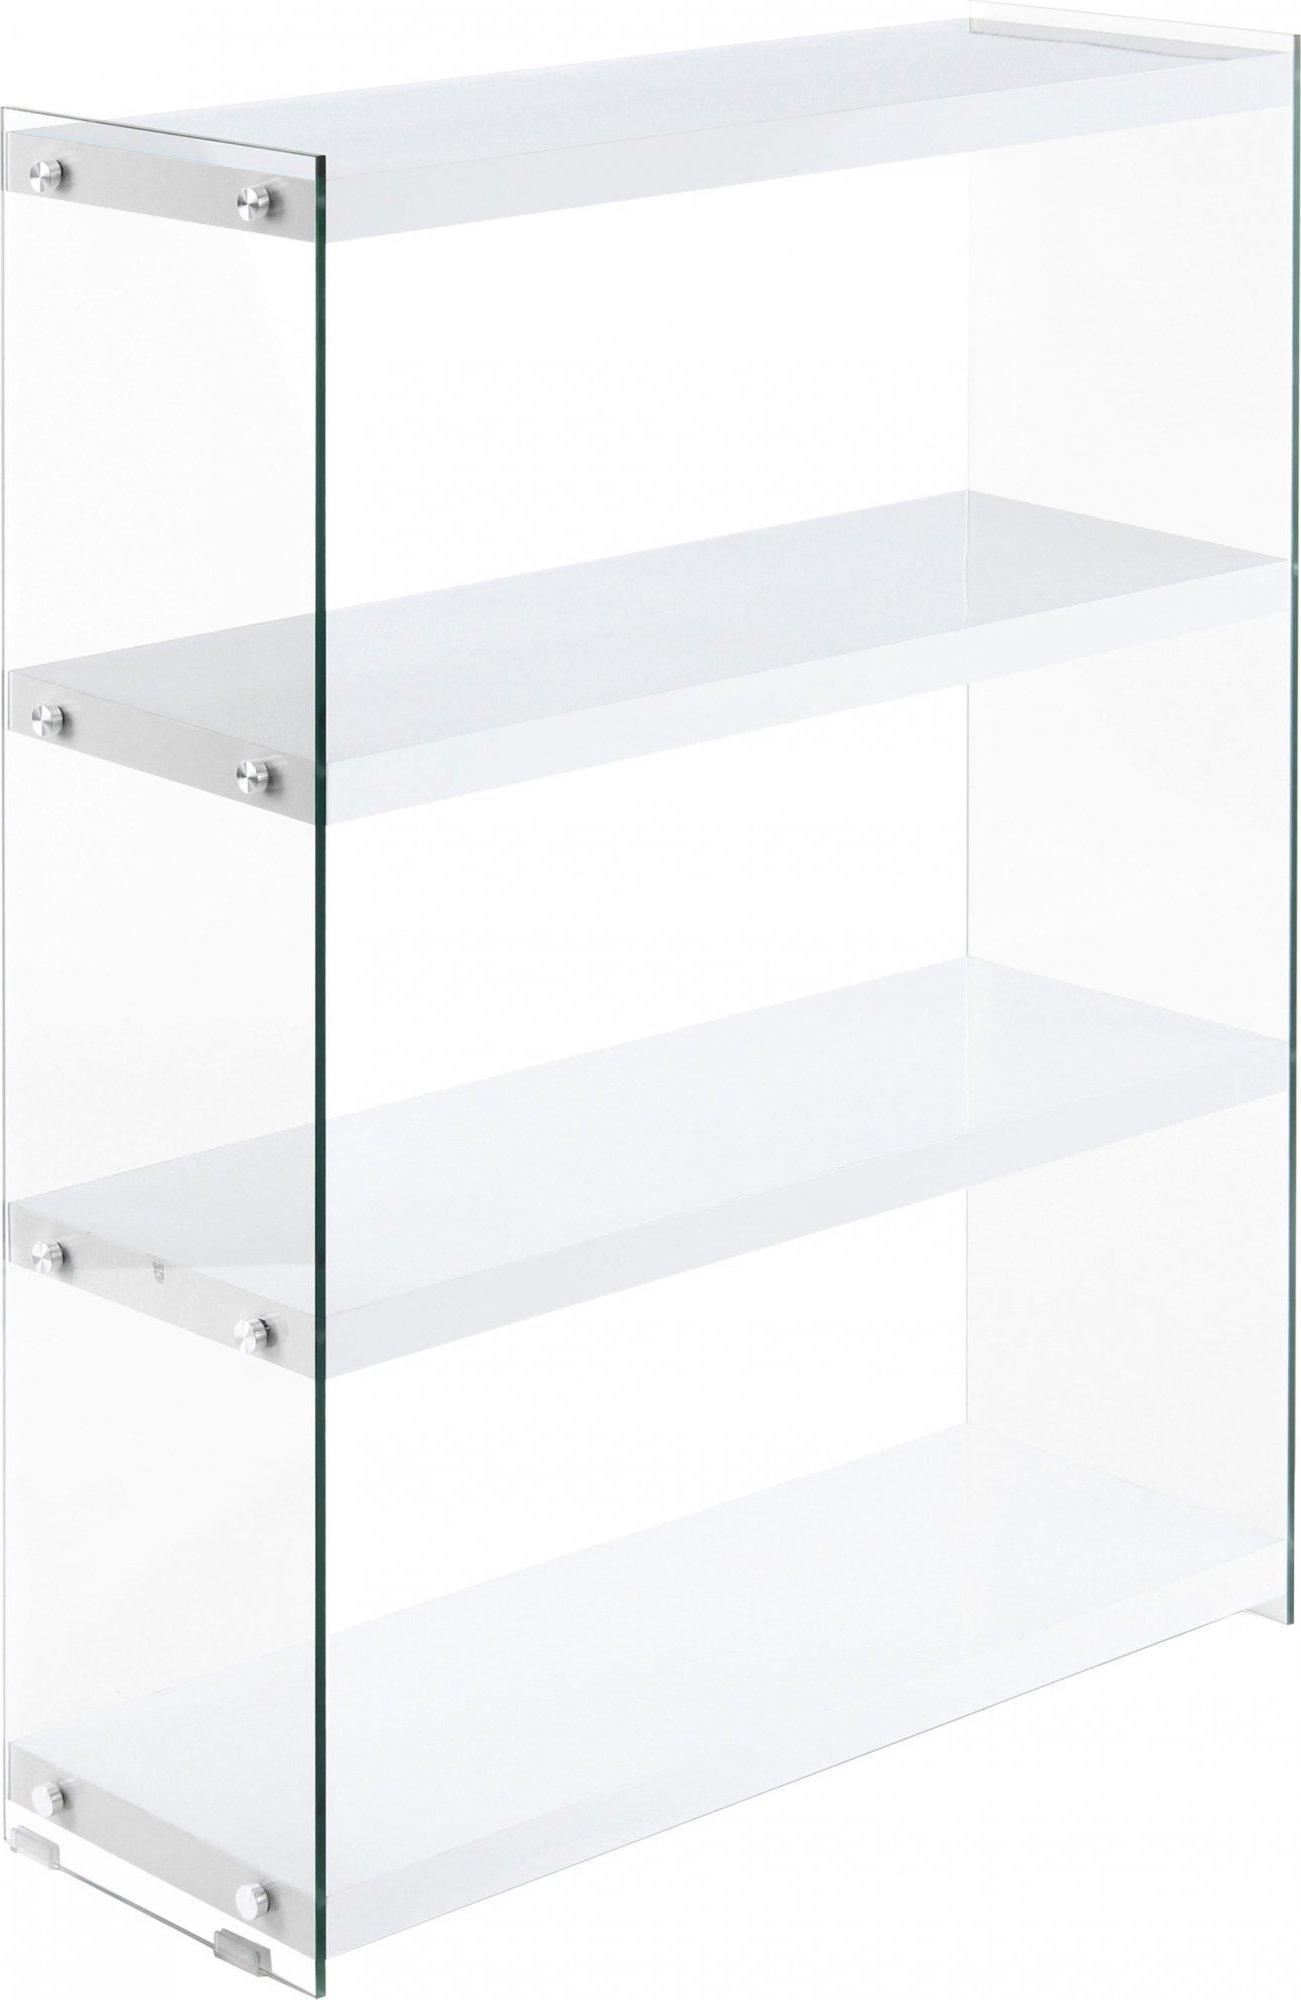 Etagère 4 étagères bois blanc montant verre h113cm